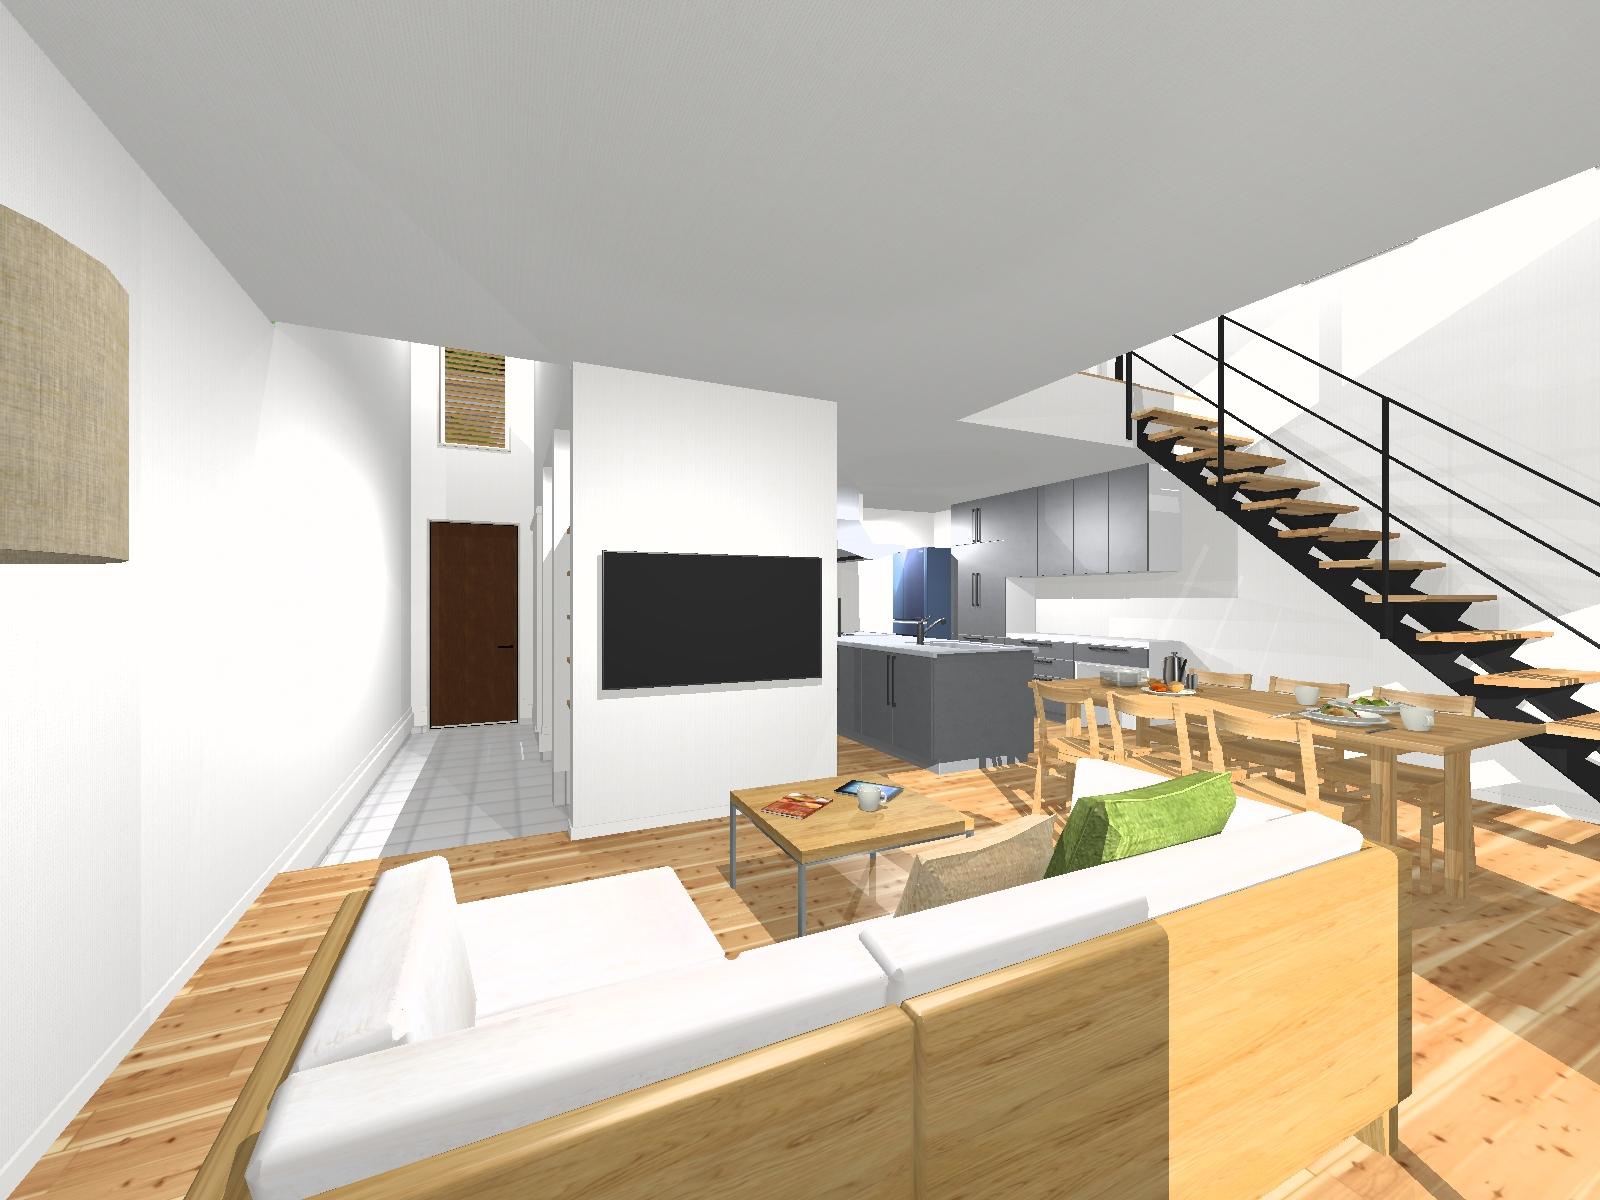 ING-home image『LDK』(内装)